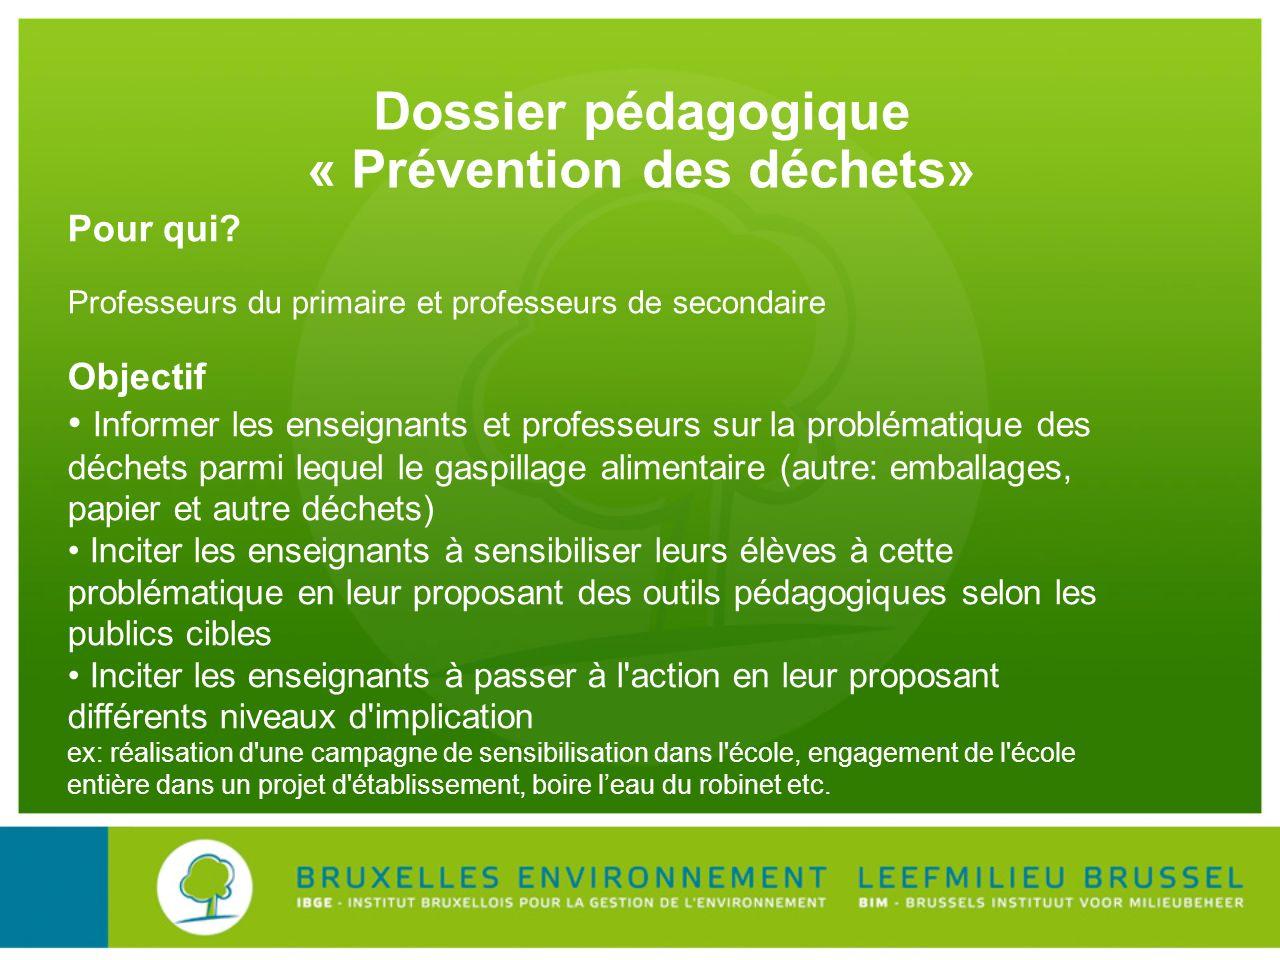 Dossier pédagogique « Prévention des déchets»